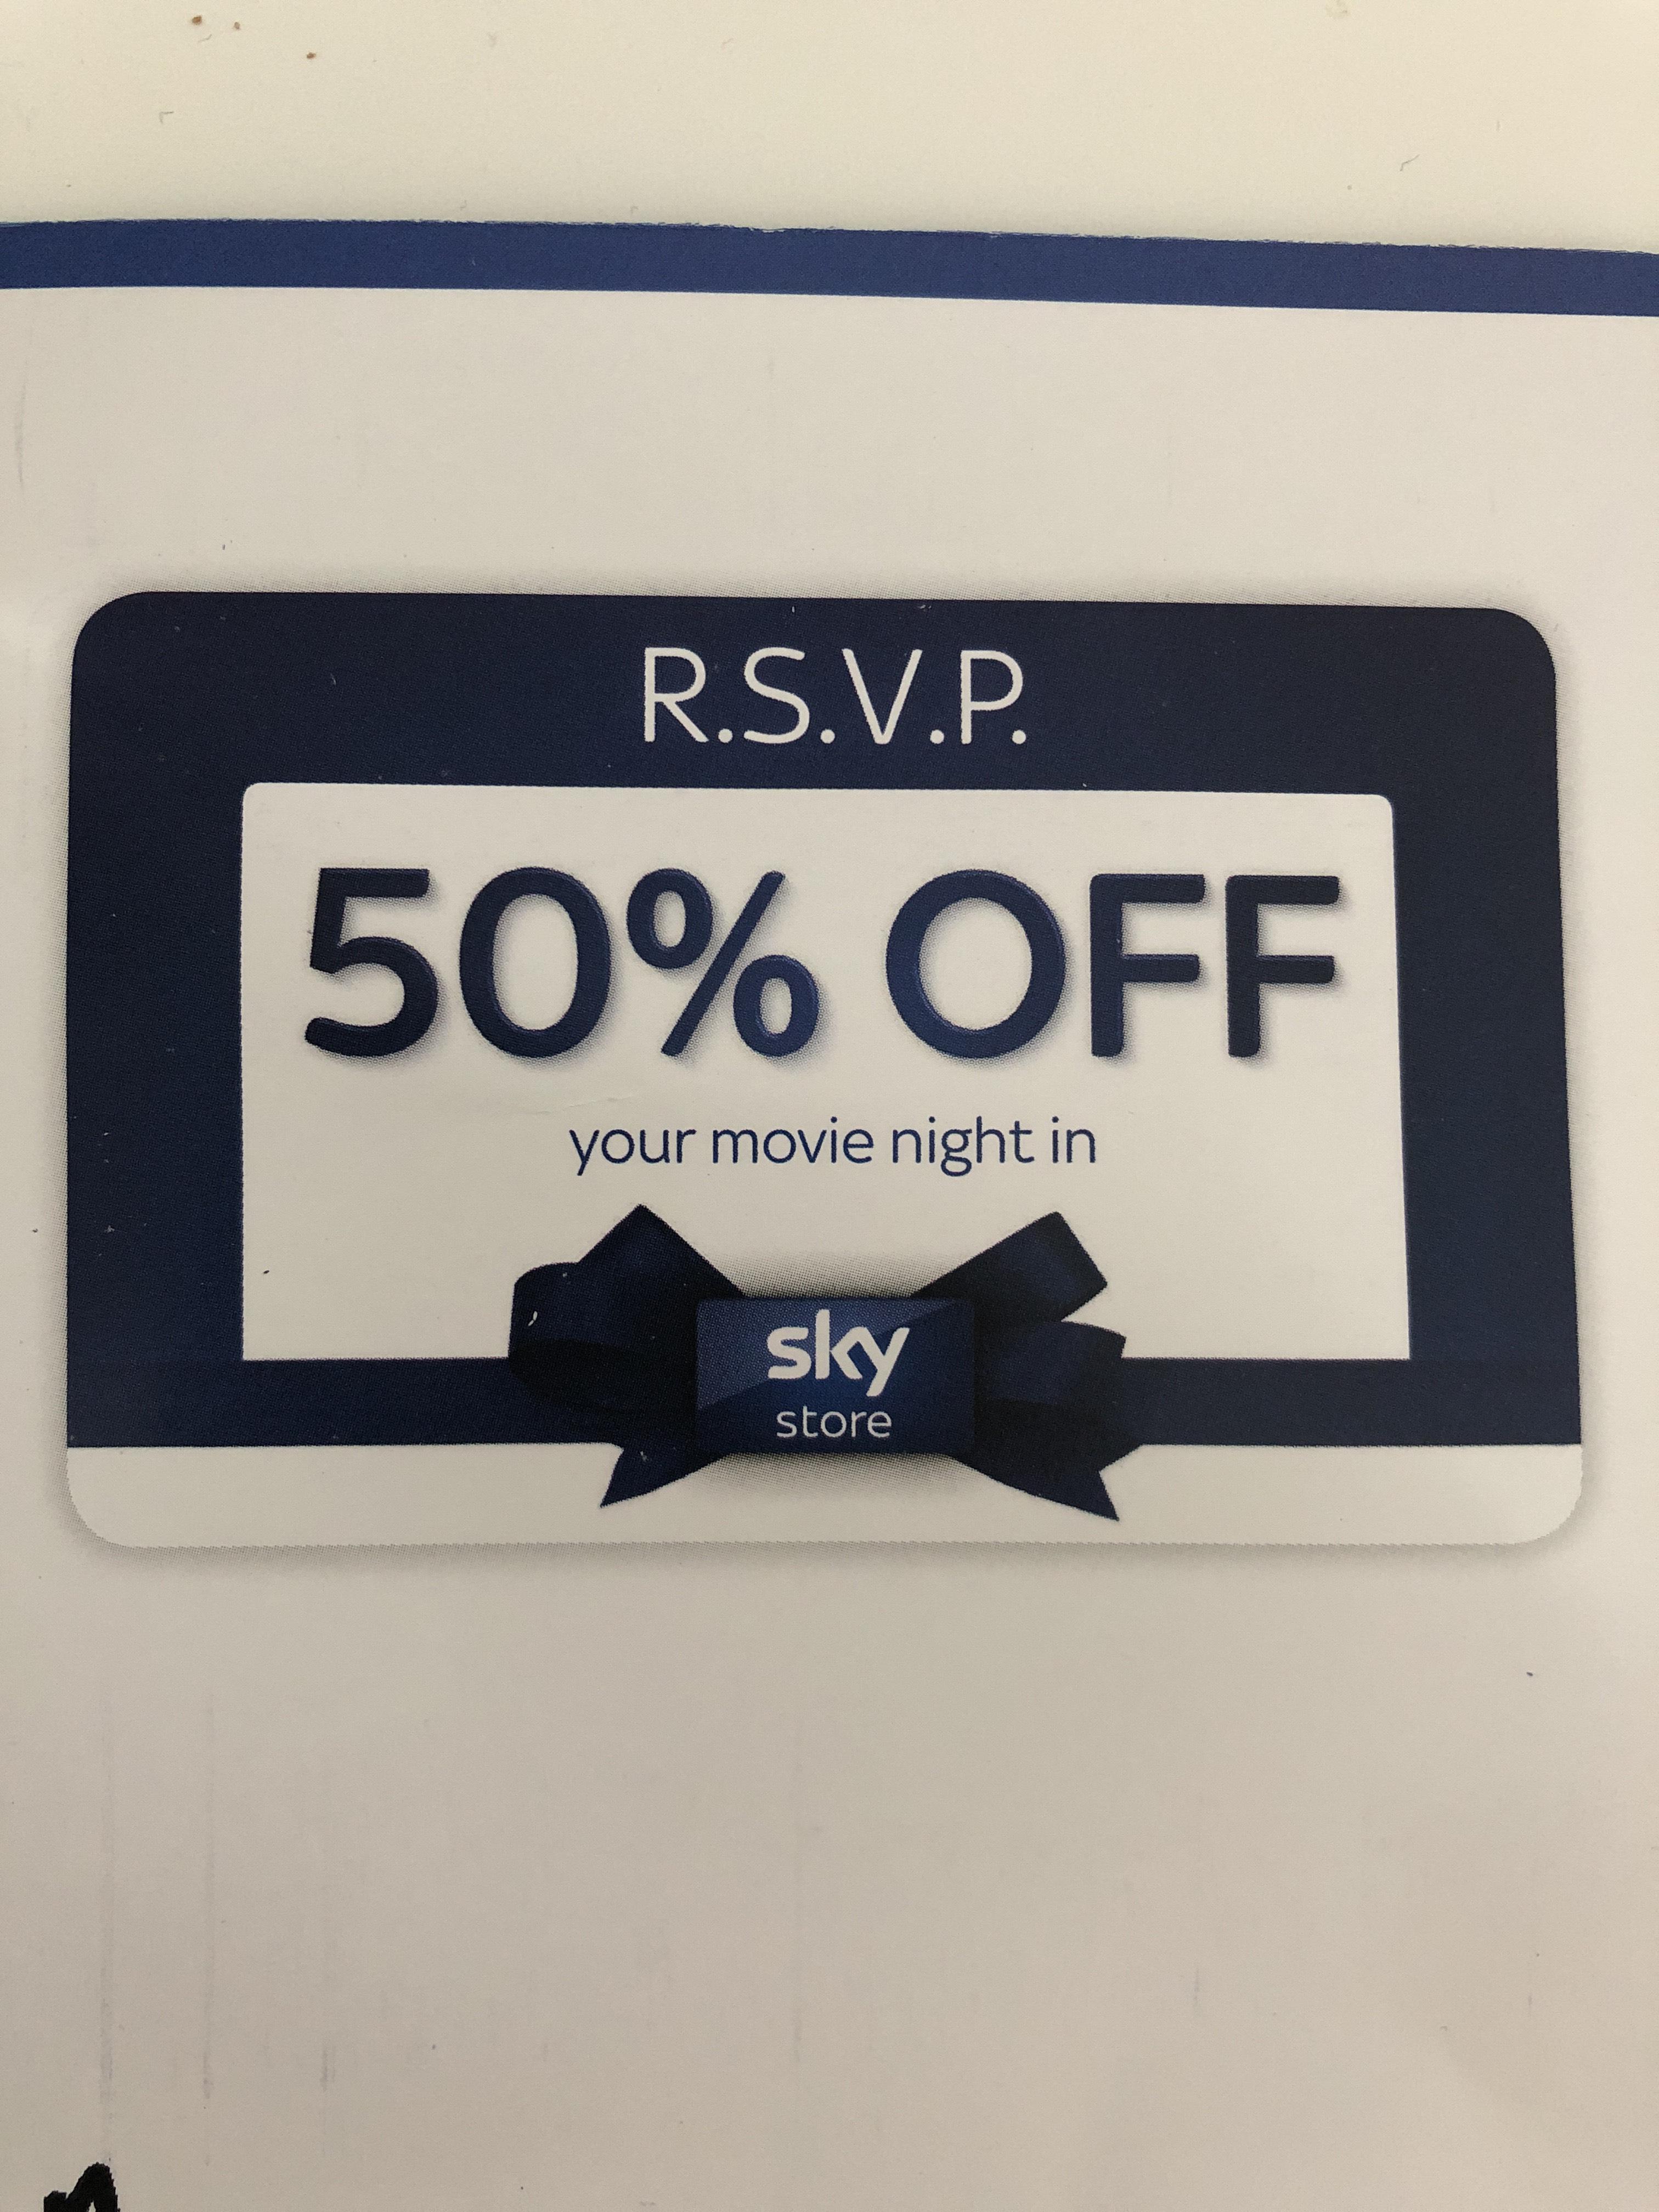 Sky Store movie night in - 50% off Buy & Keep Movie